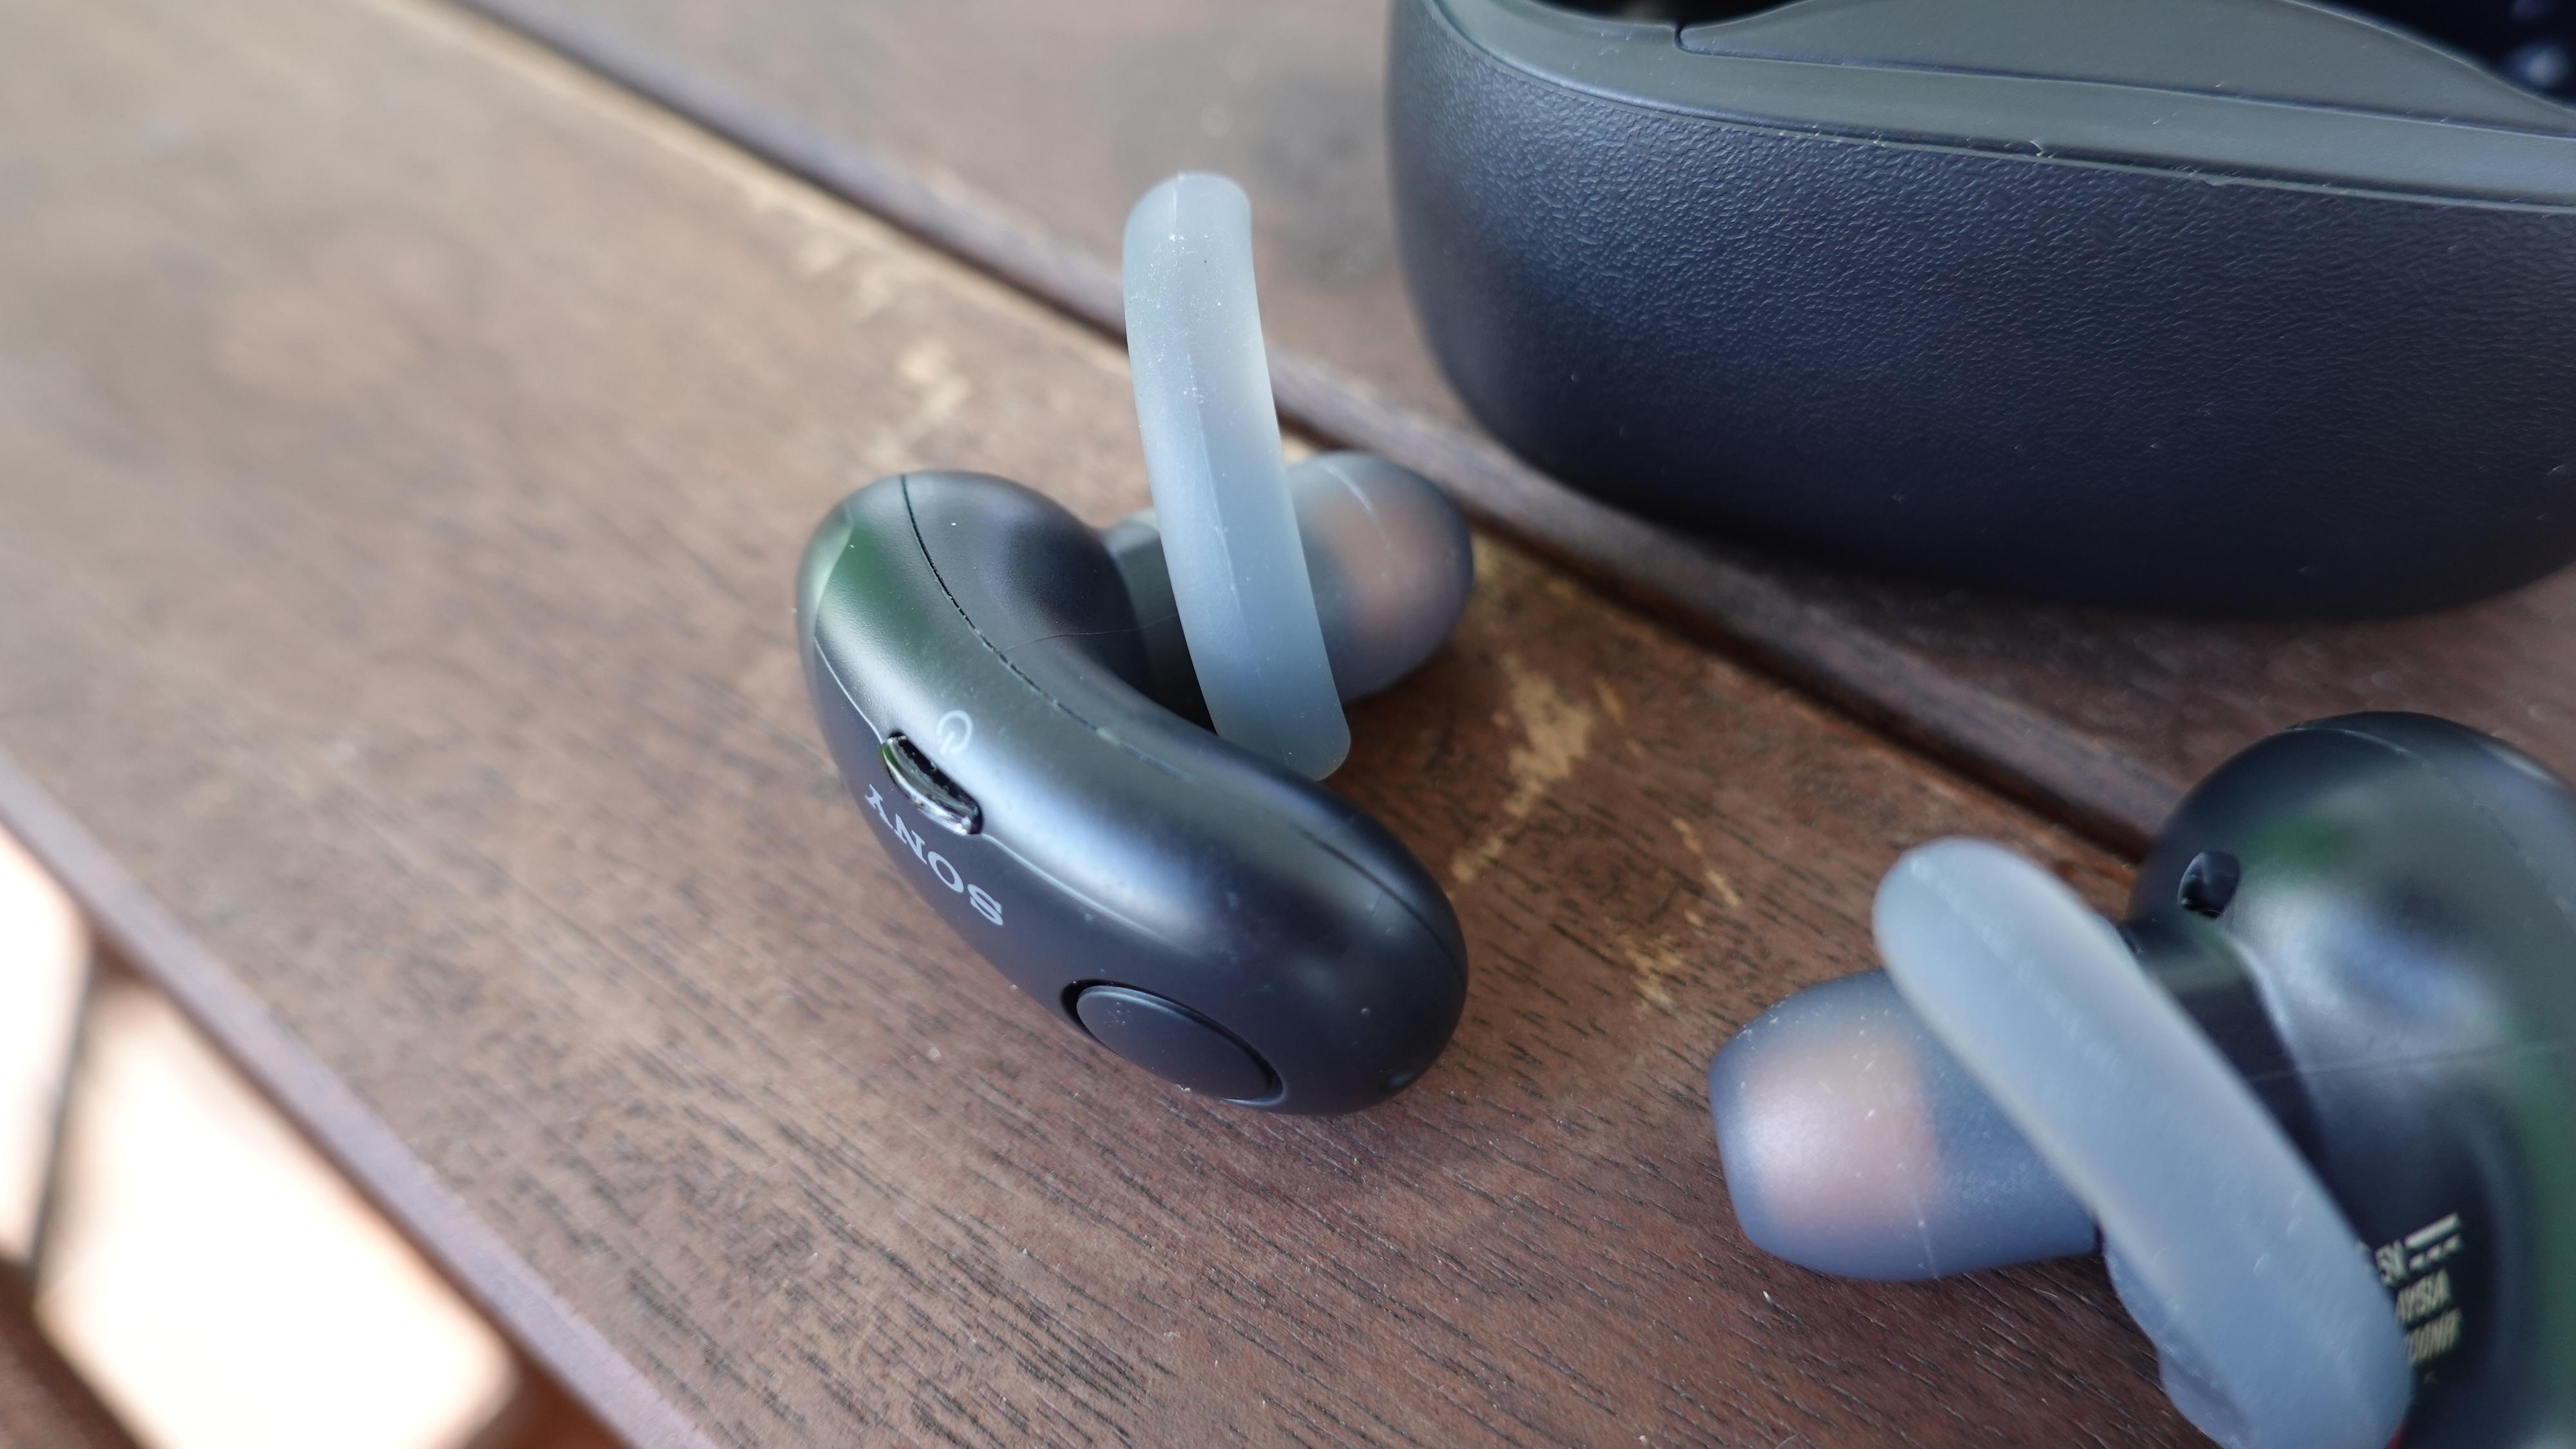 Sony WF-SP700 har noe som ser ut som små knapper på enden, men det er faktisk åpningen for mikrofonen. I stedet har de en bitteliten tast midt på hver plugg.